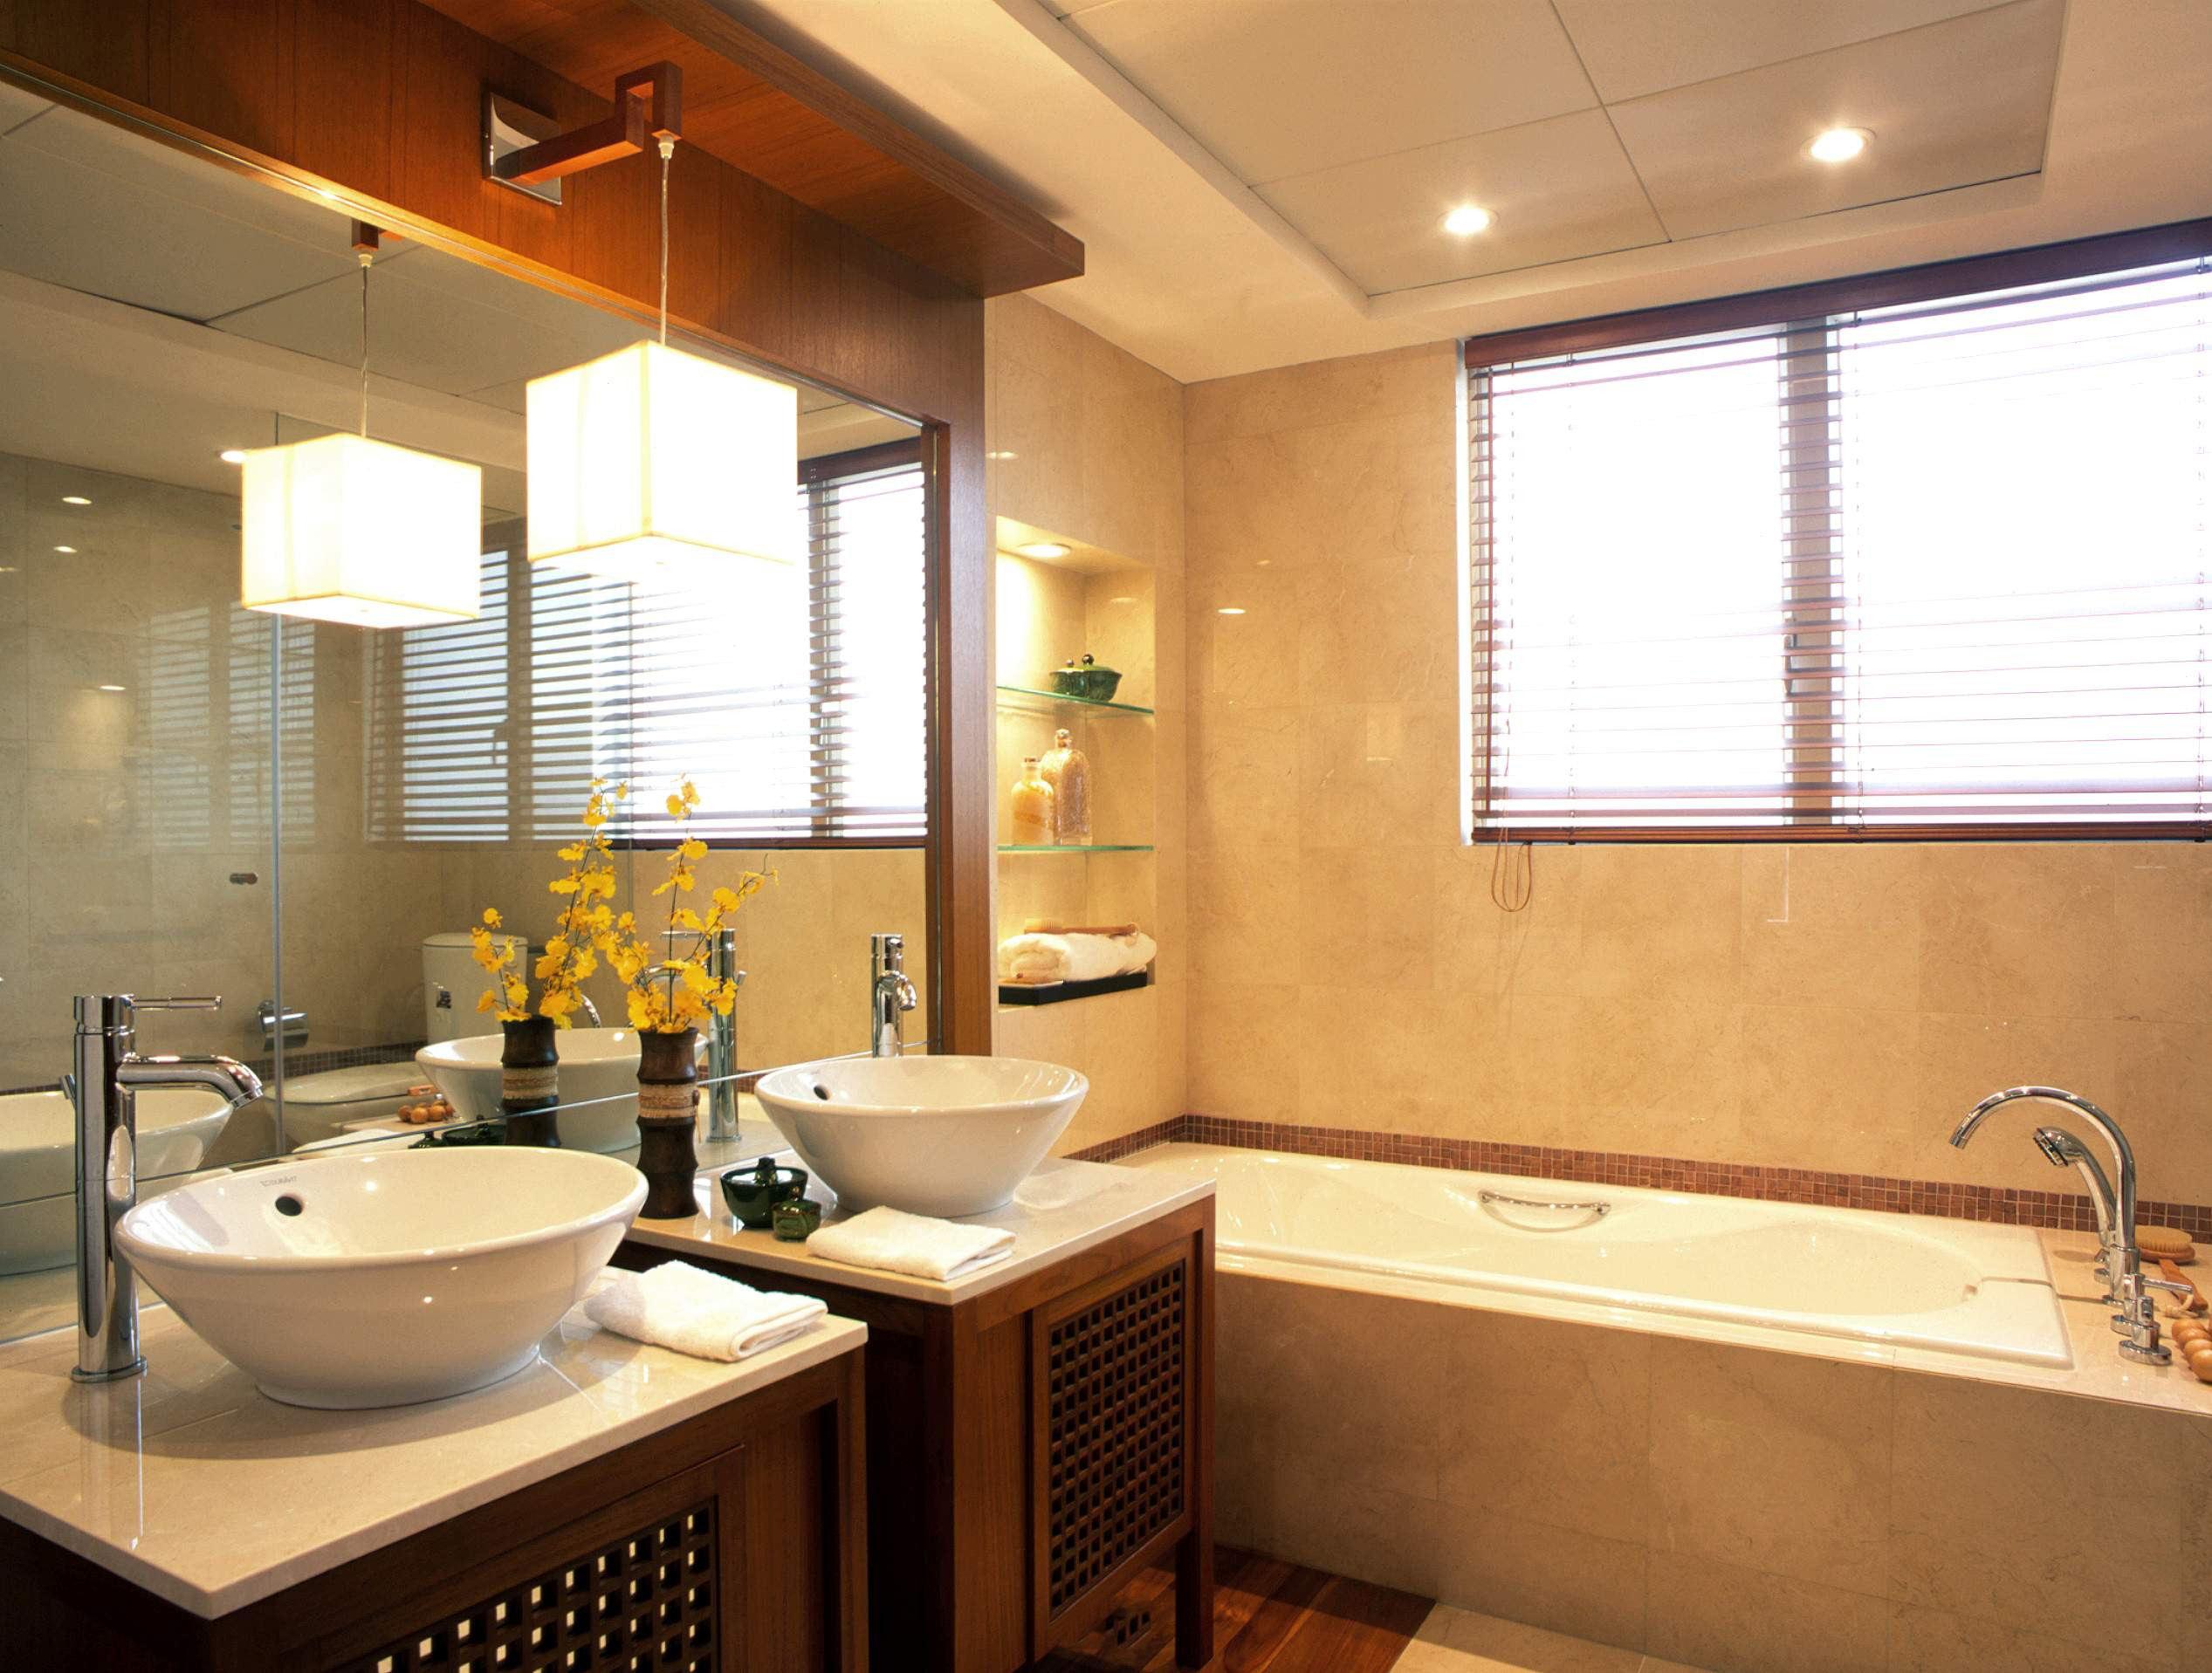 厕所 厨房 家居 设计 卫生间 卫生间装修 装修 2534_1917